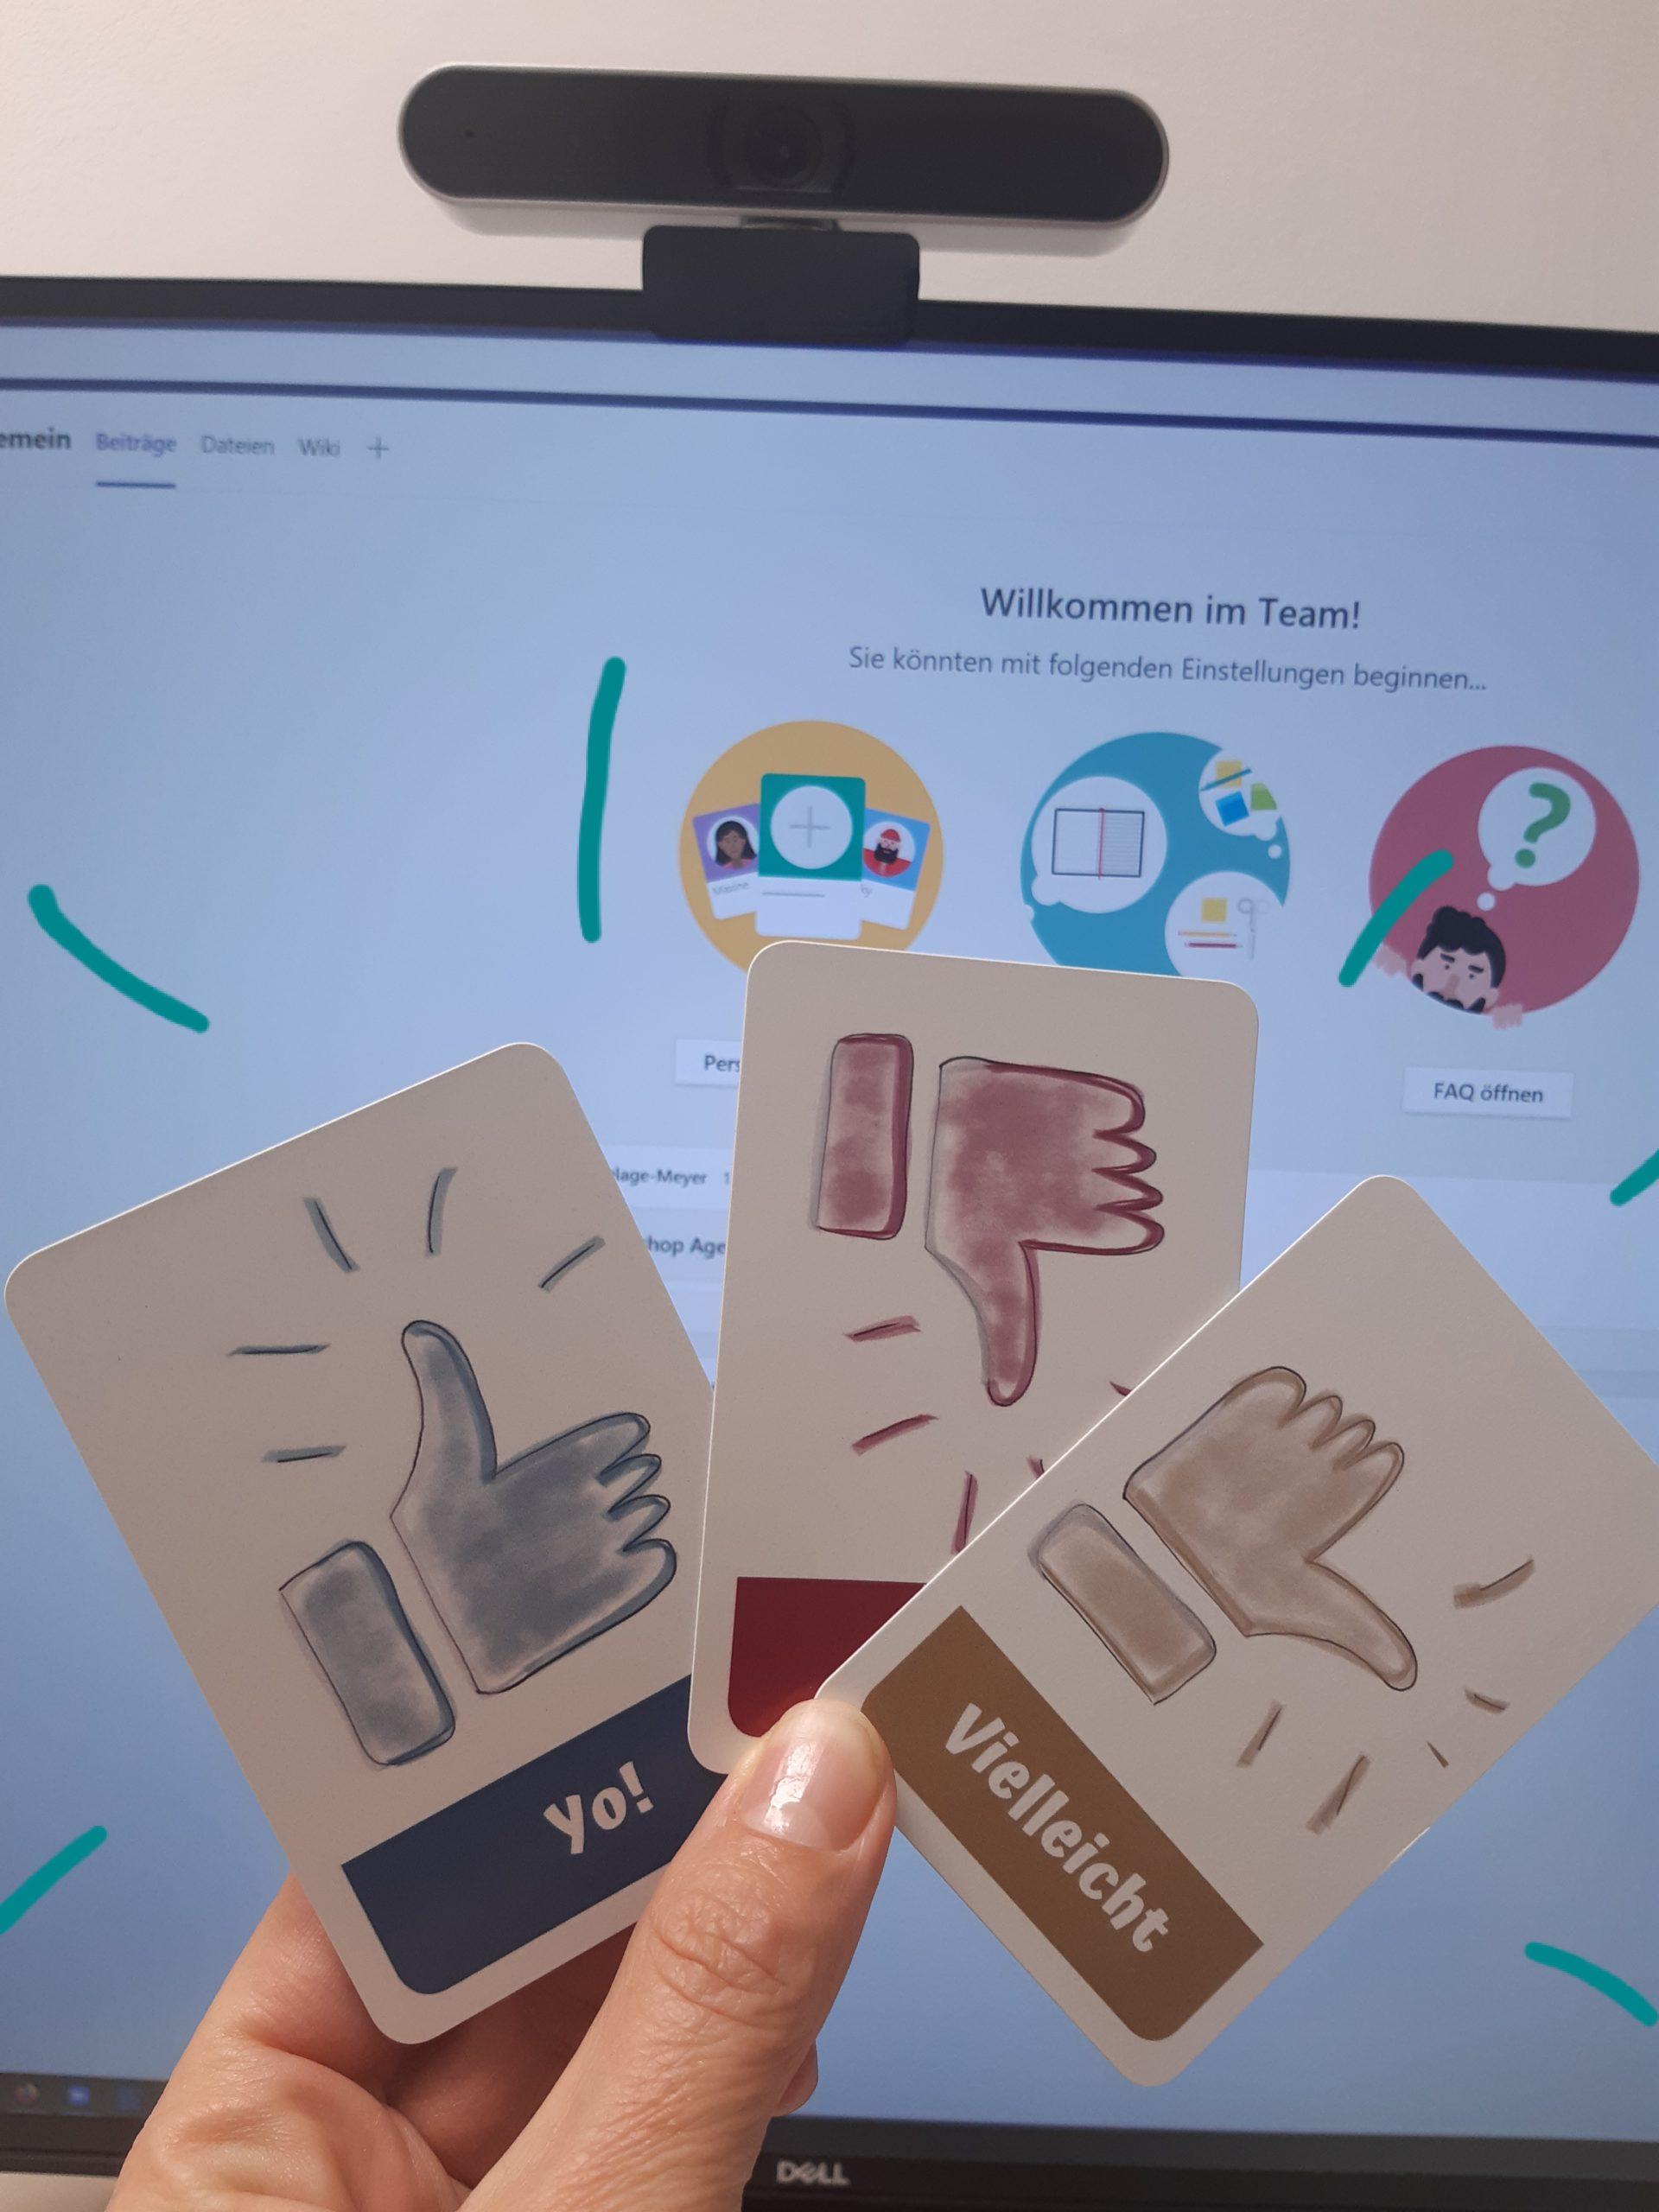 Interaktives Online Meeting schnelle Entscheidungen per Daumenumfrage